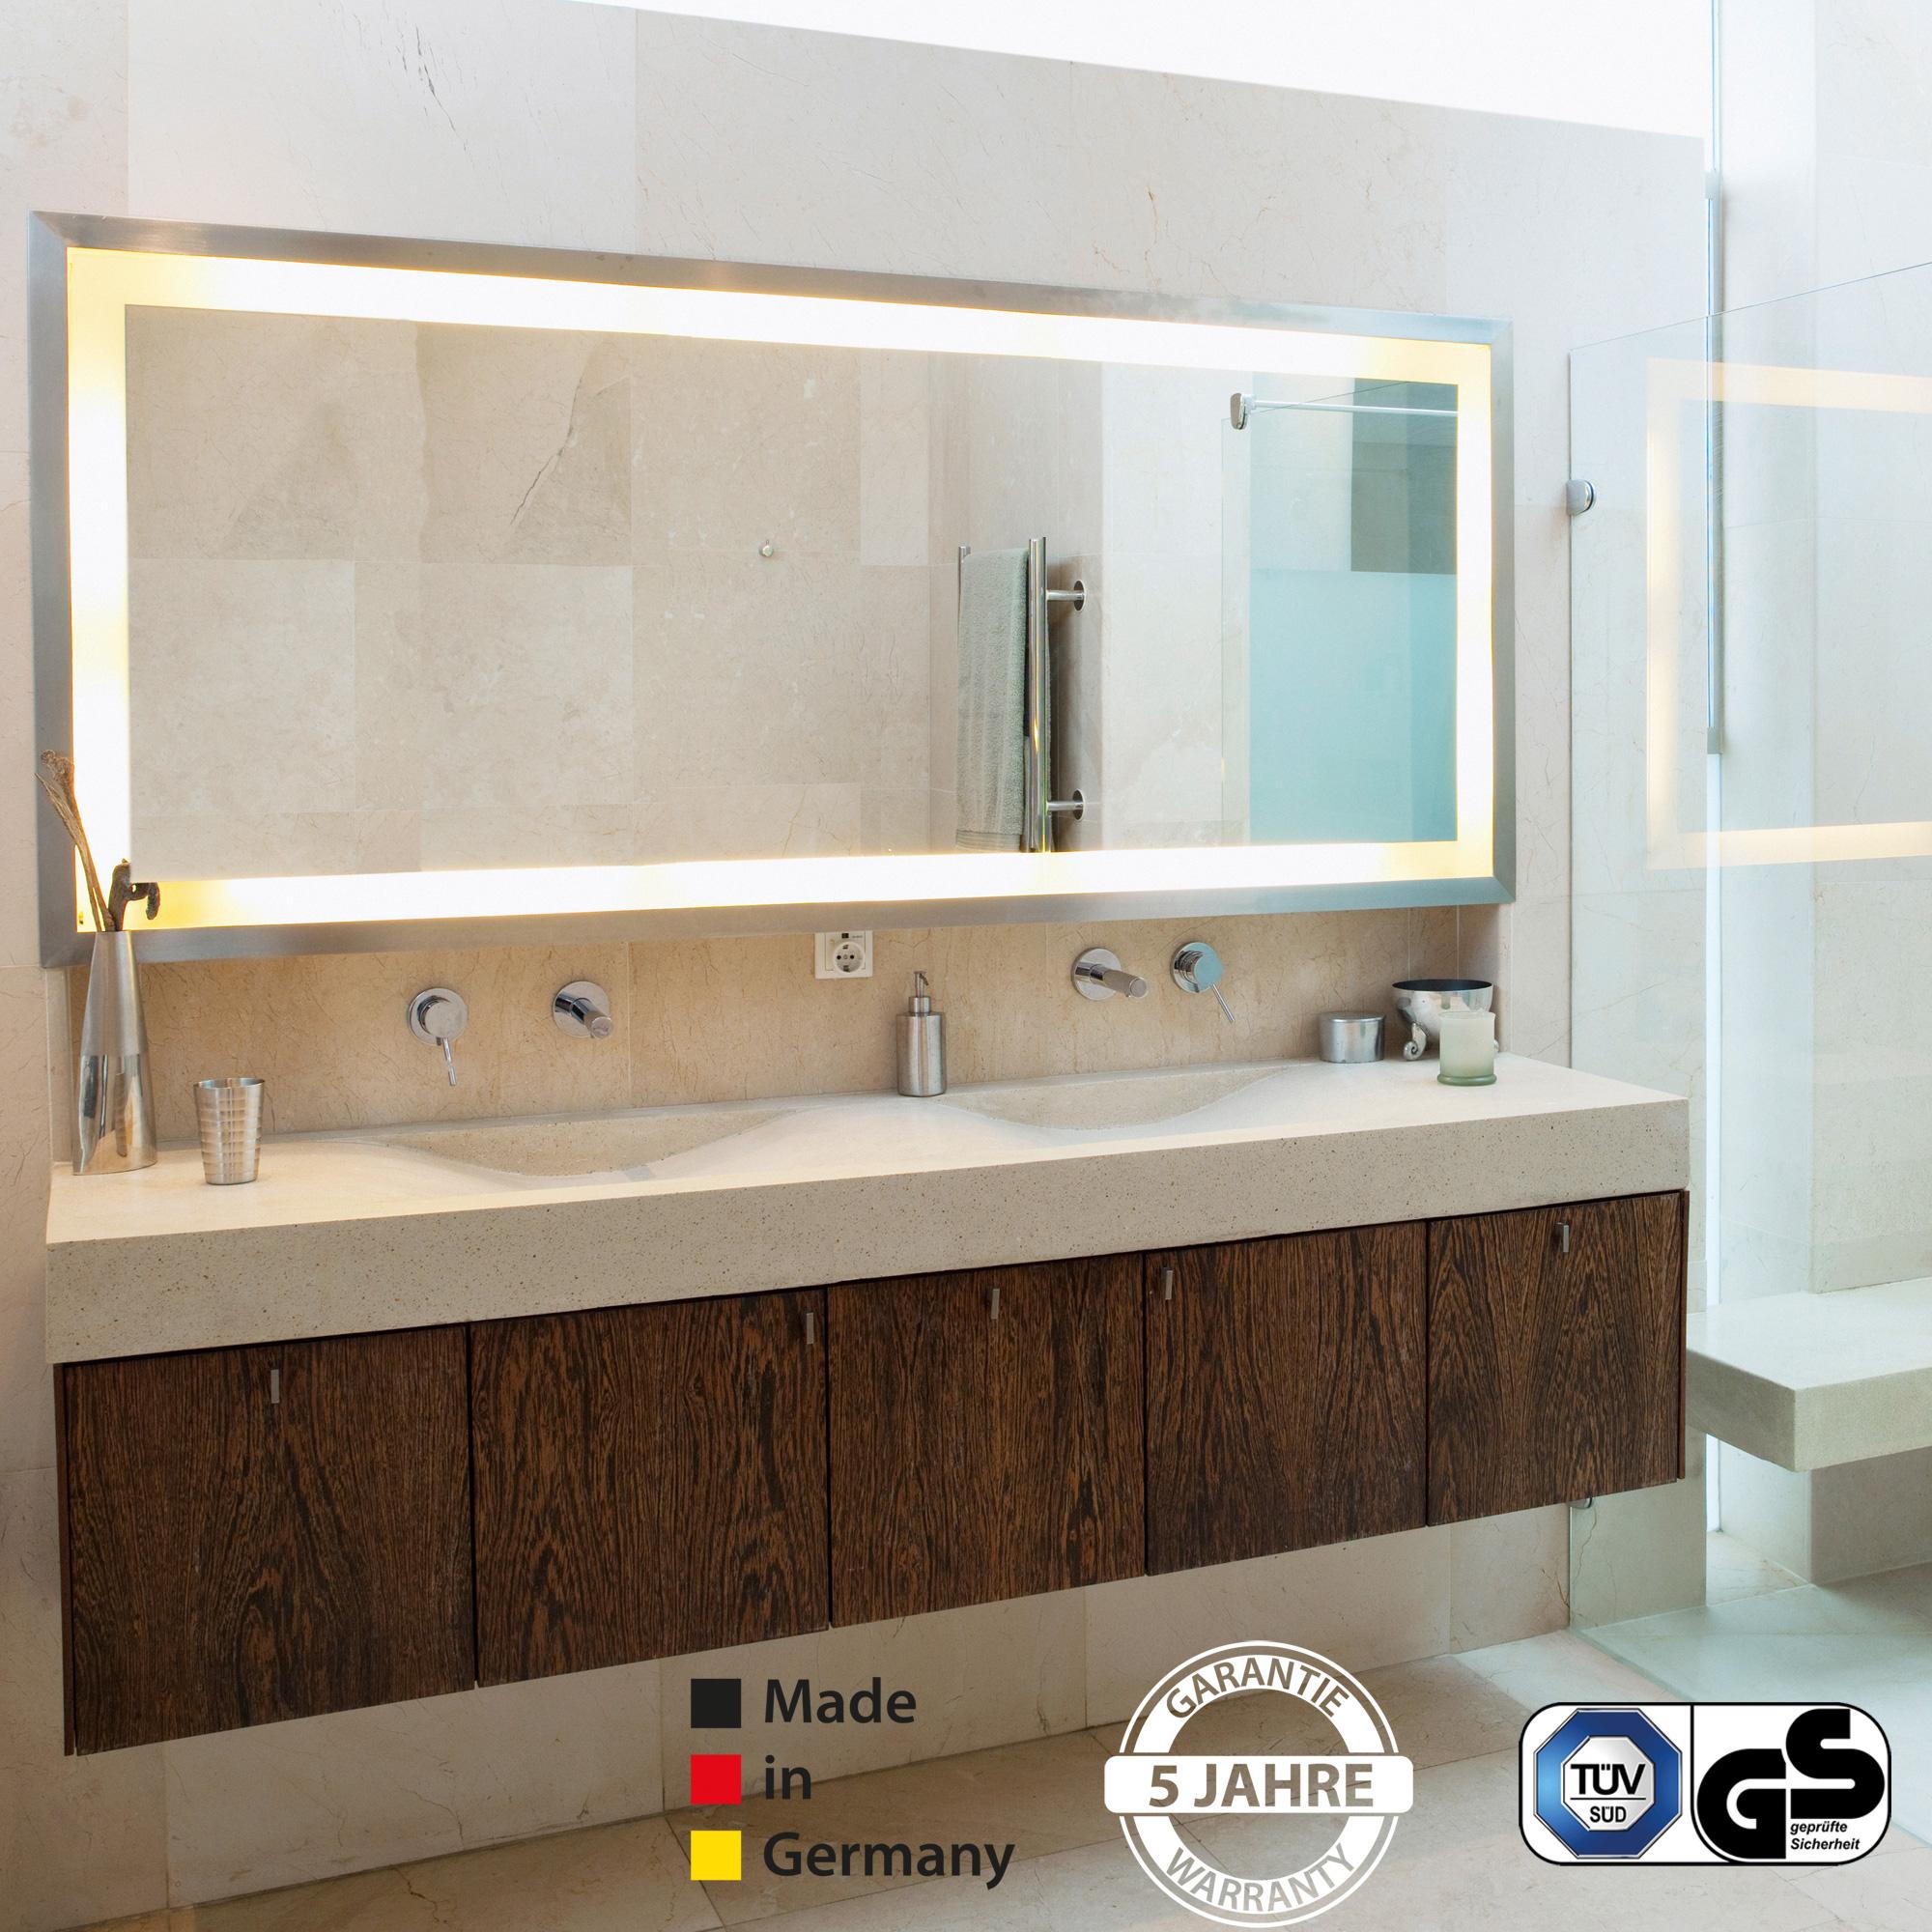 Infrarotheizung vasner hohe effizienz t v bis 5 j for Hohe spiegel bad